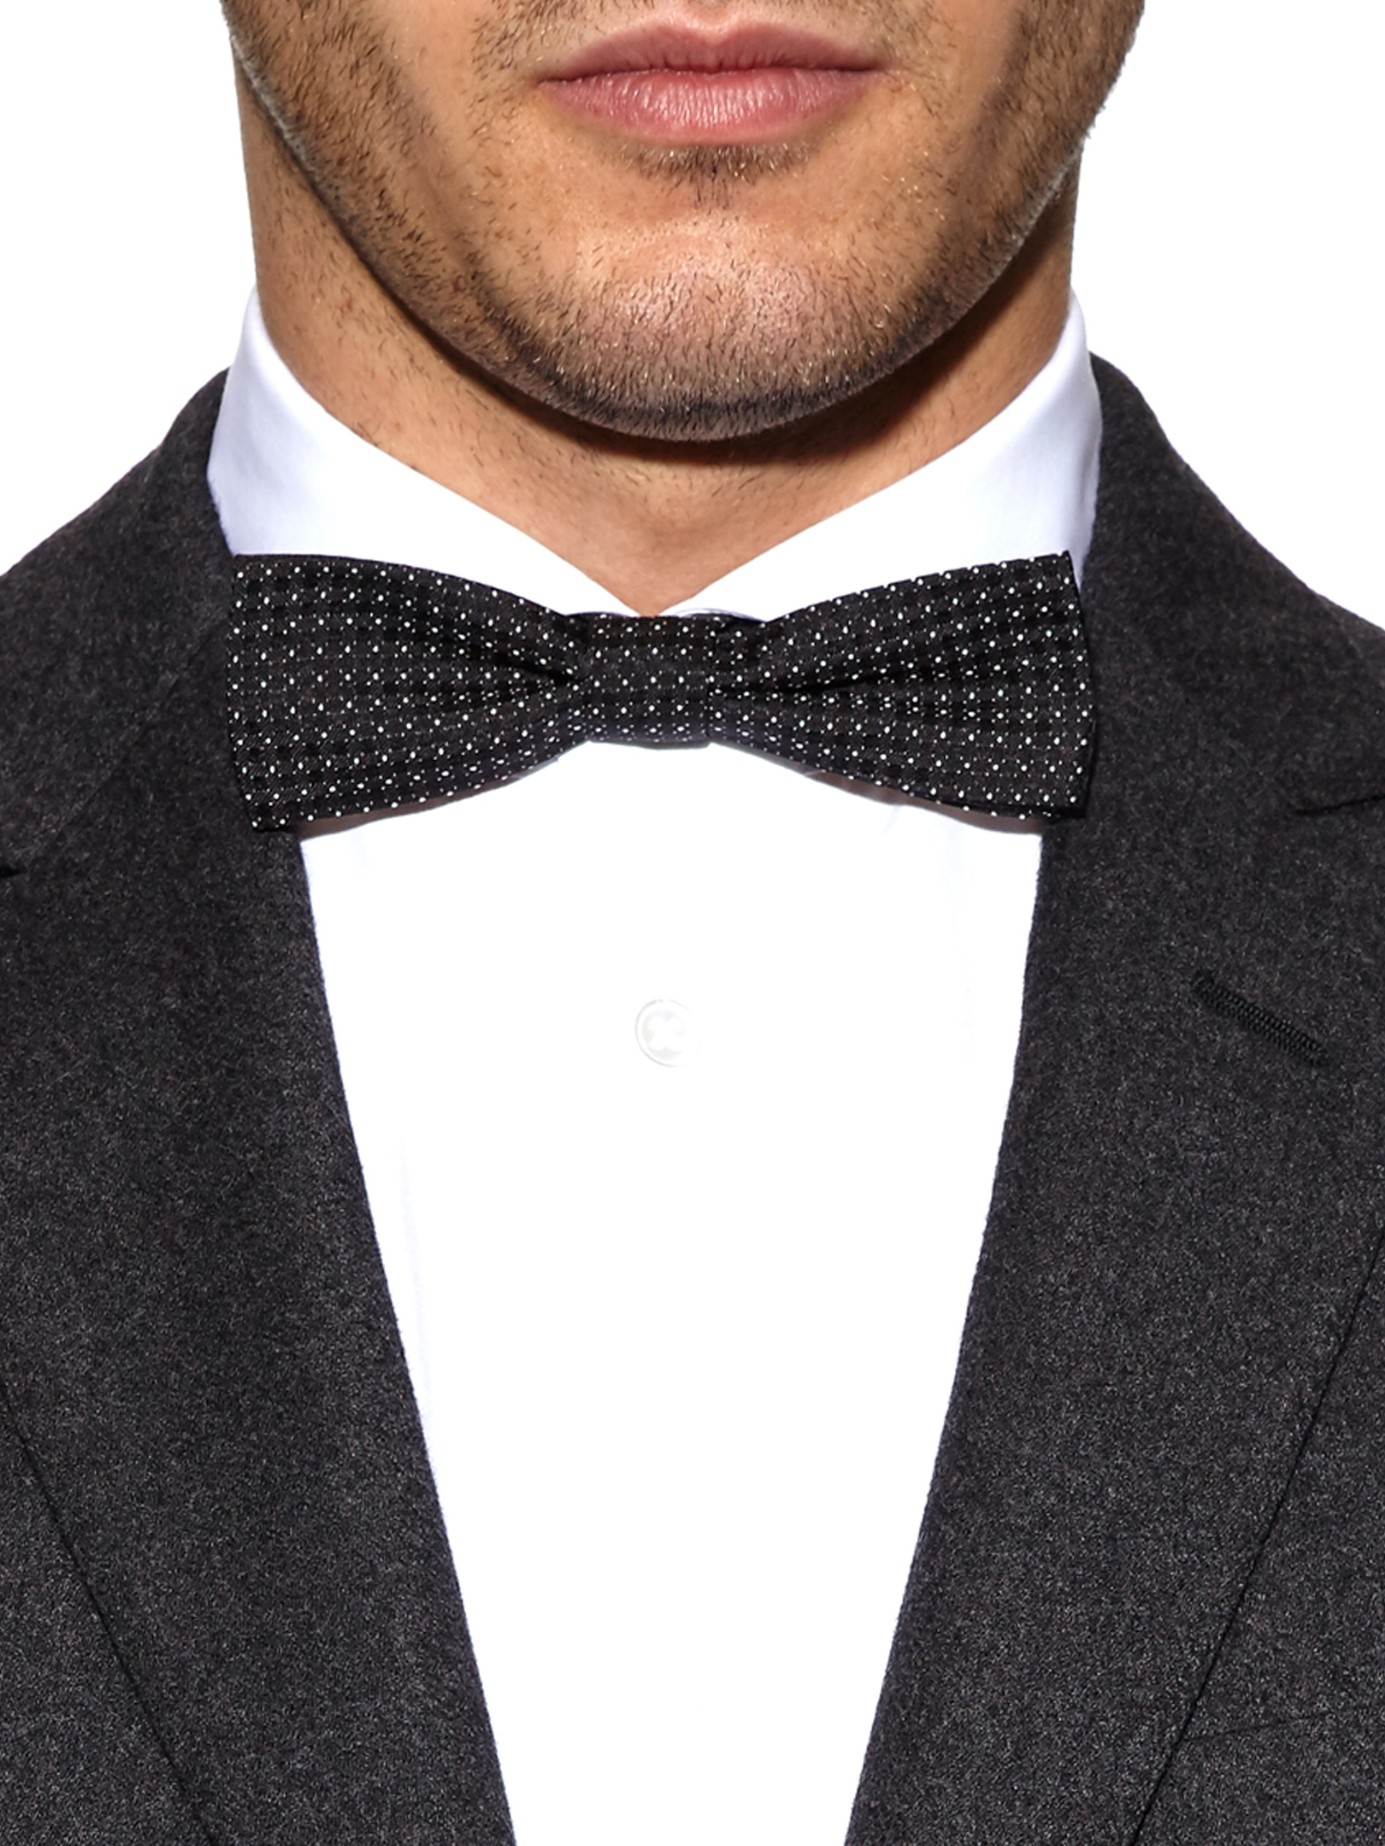 polka dot tie - Black Dolce & Gabbana ElkED